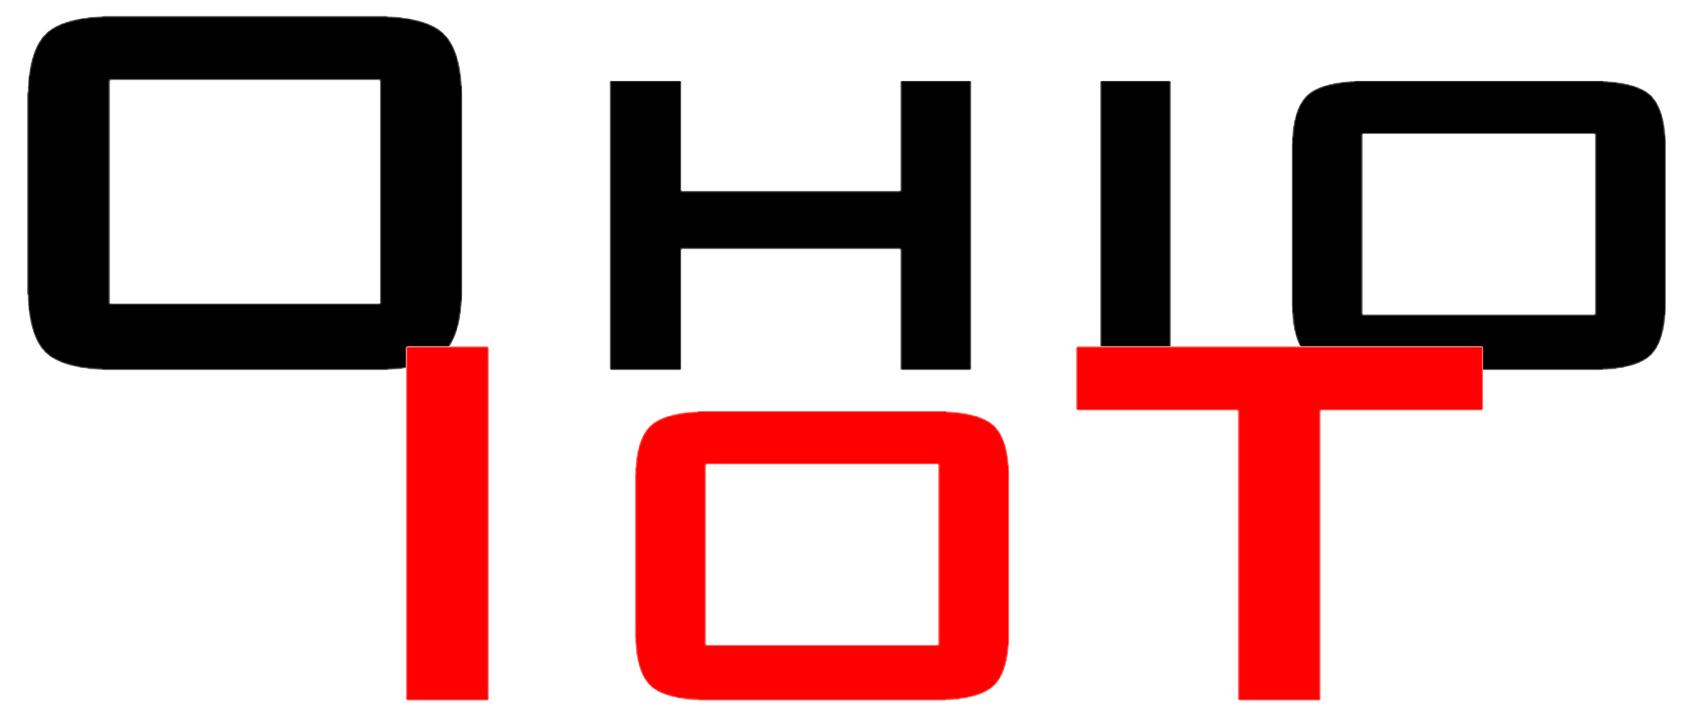 OhioIoT, Inc.